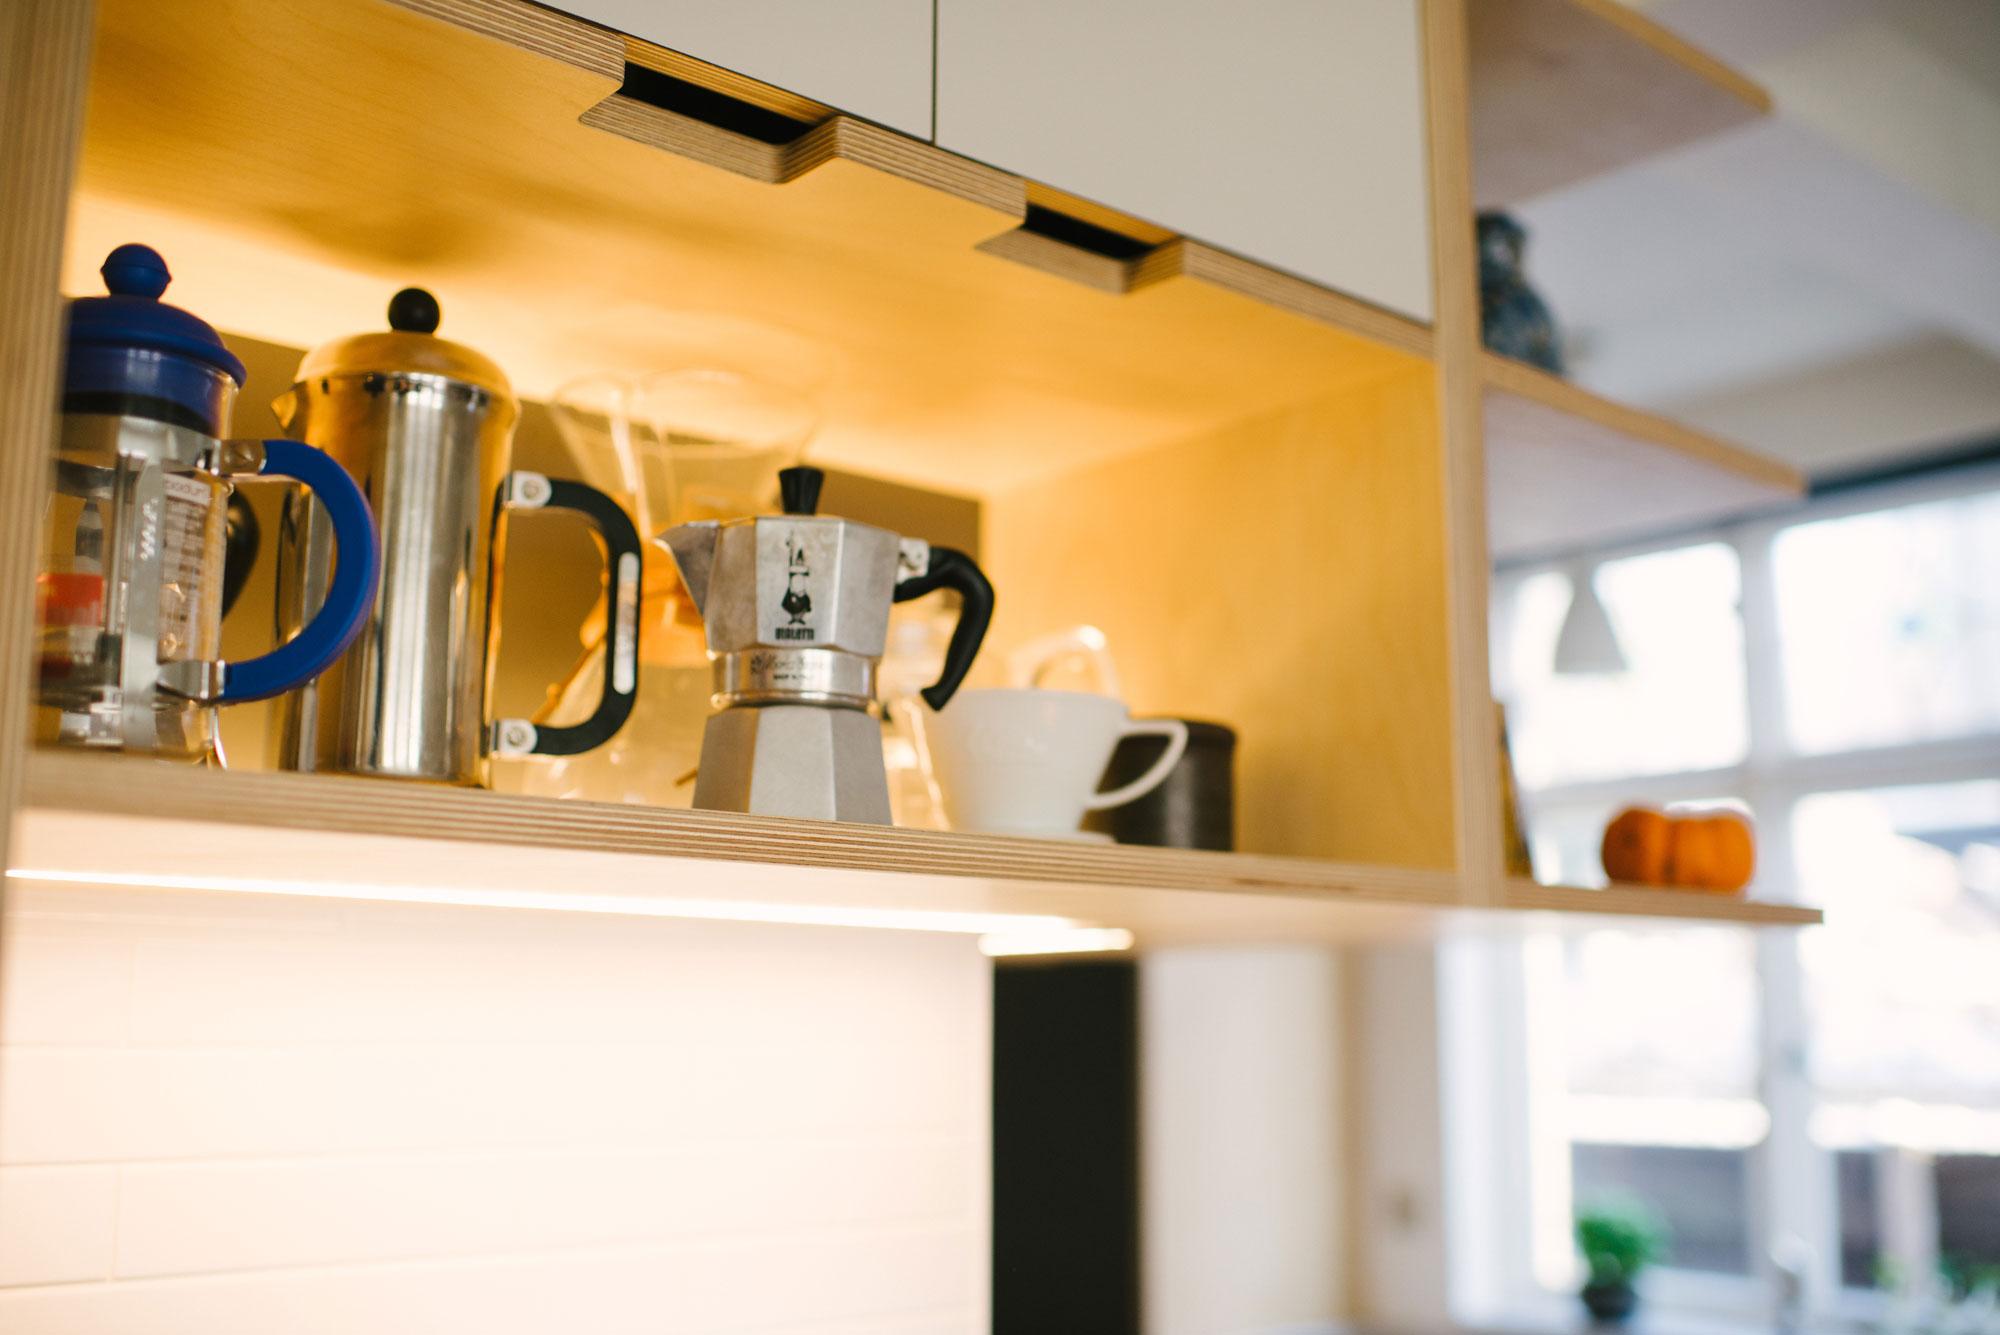 Open Shelving of Orange and White Laminated Plywood Kitchen